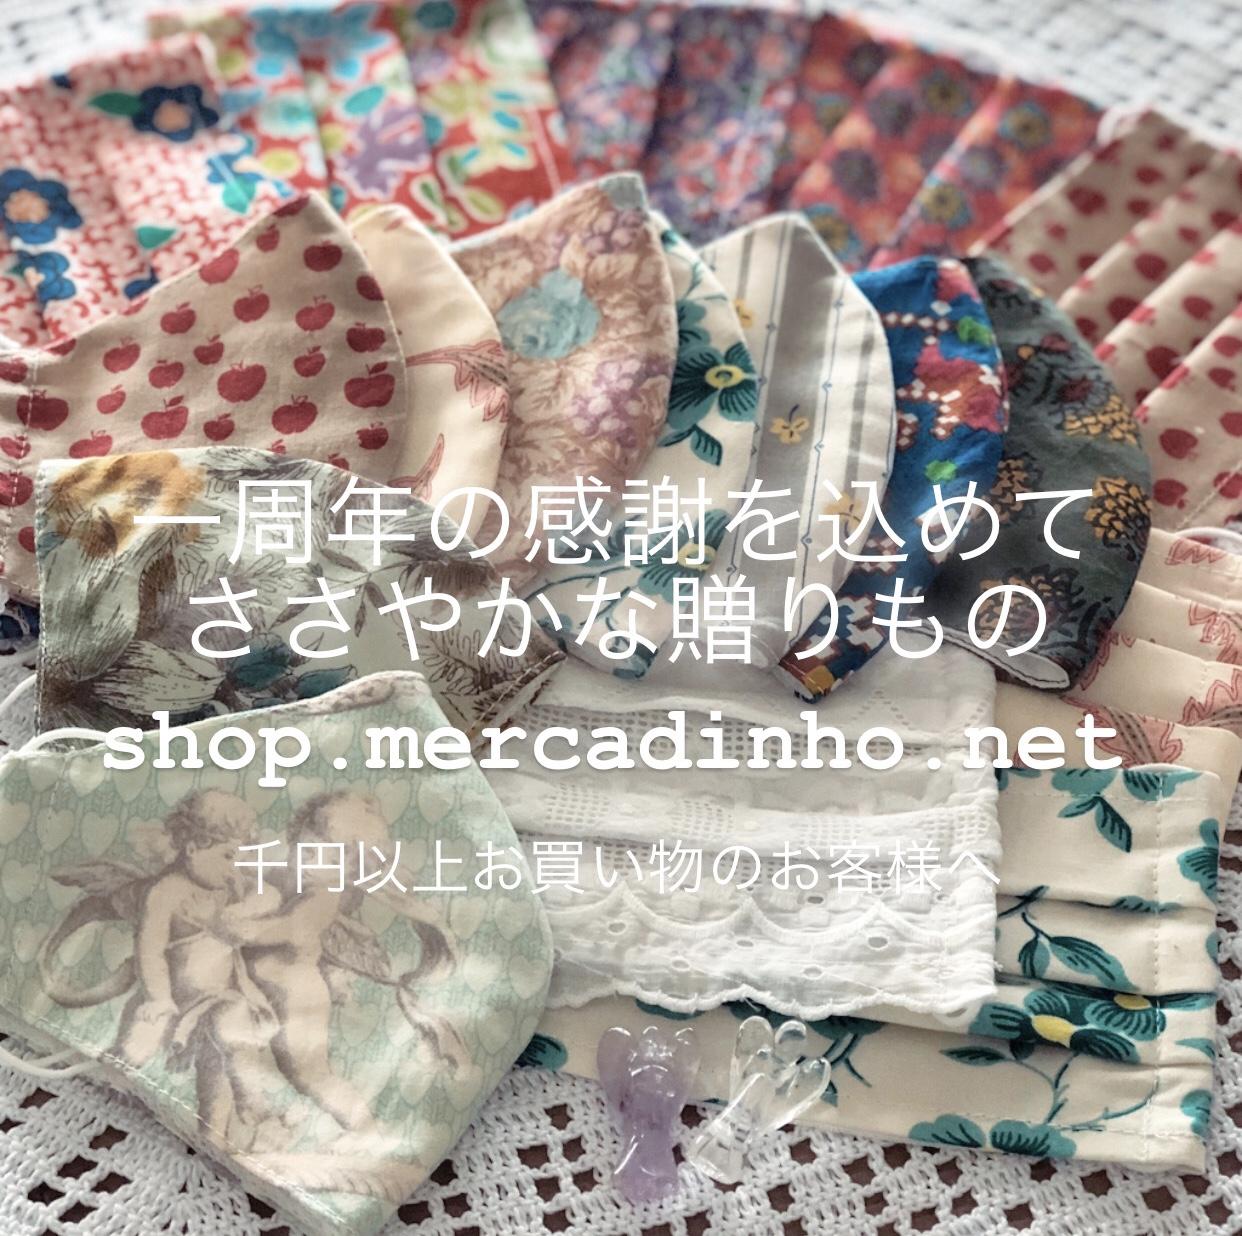 1周年の感謝をこめて❤️1000円以上のお買い物で手づくりマスクをプレゼント